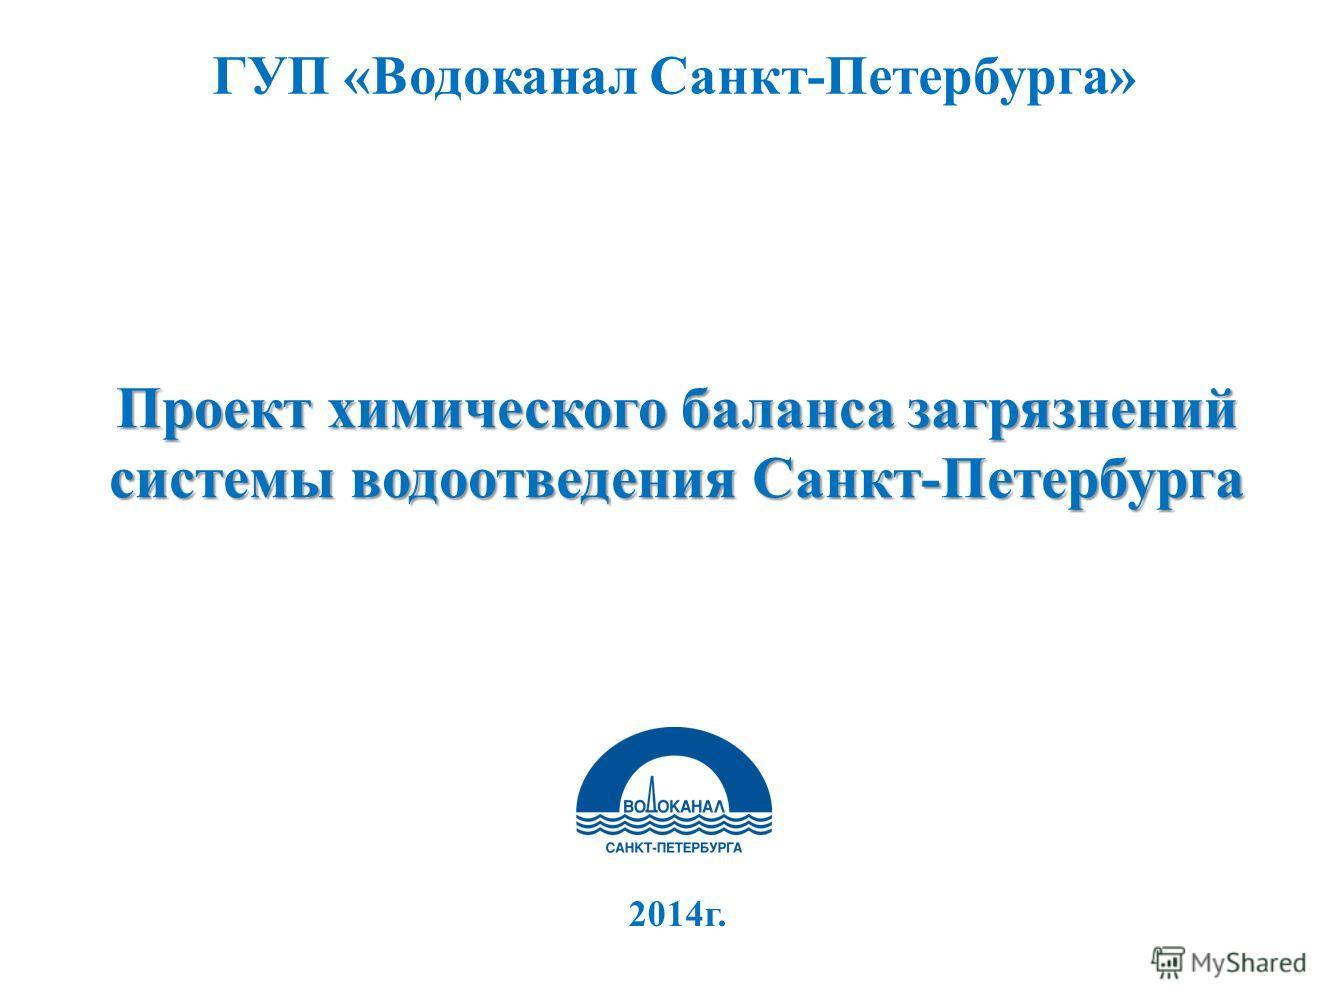 ГУП «Водоканал Санкт-Петербурга» Проект химического баланса загрязнений системы водоотведения Санкт-Петербурга 2014 г.